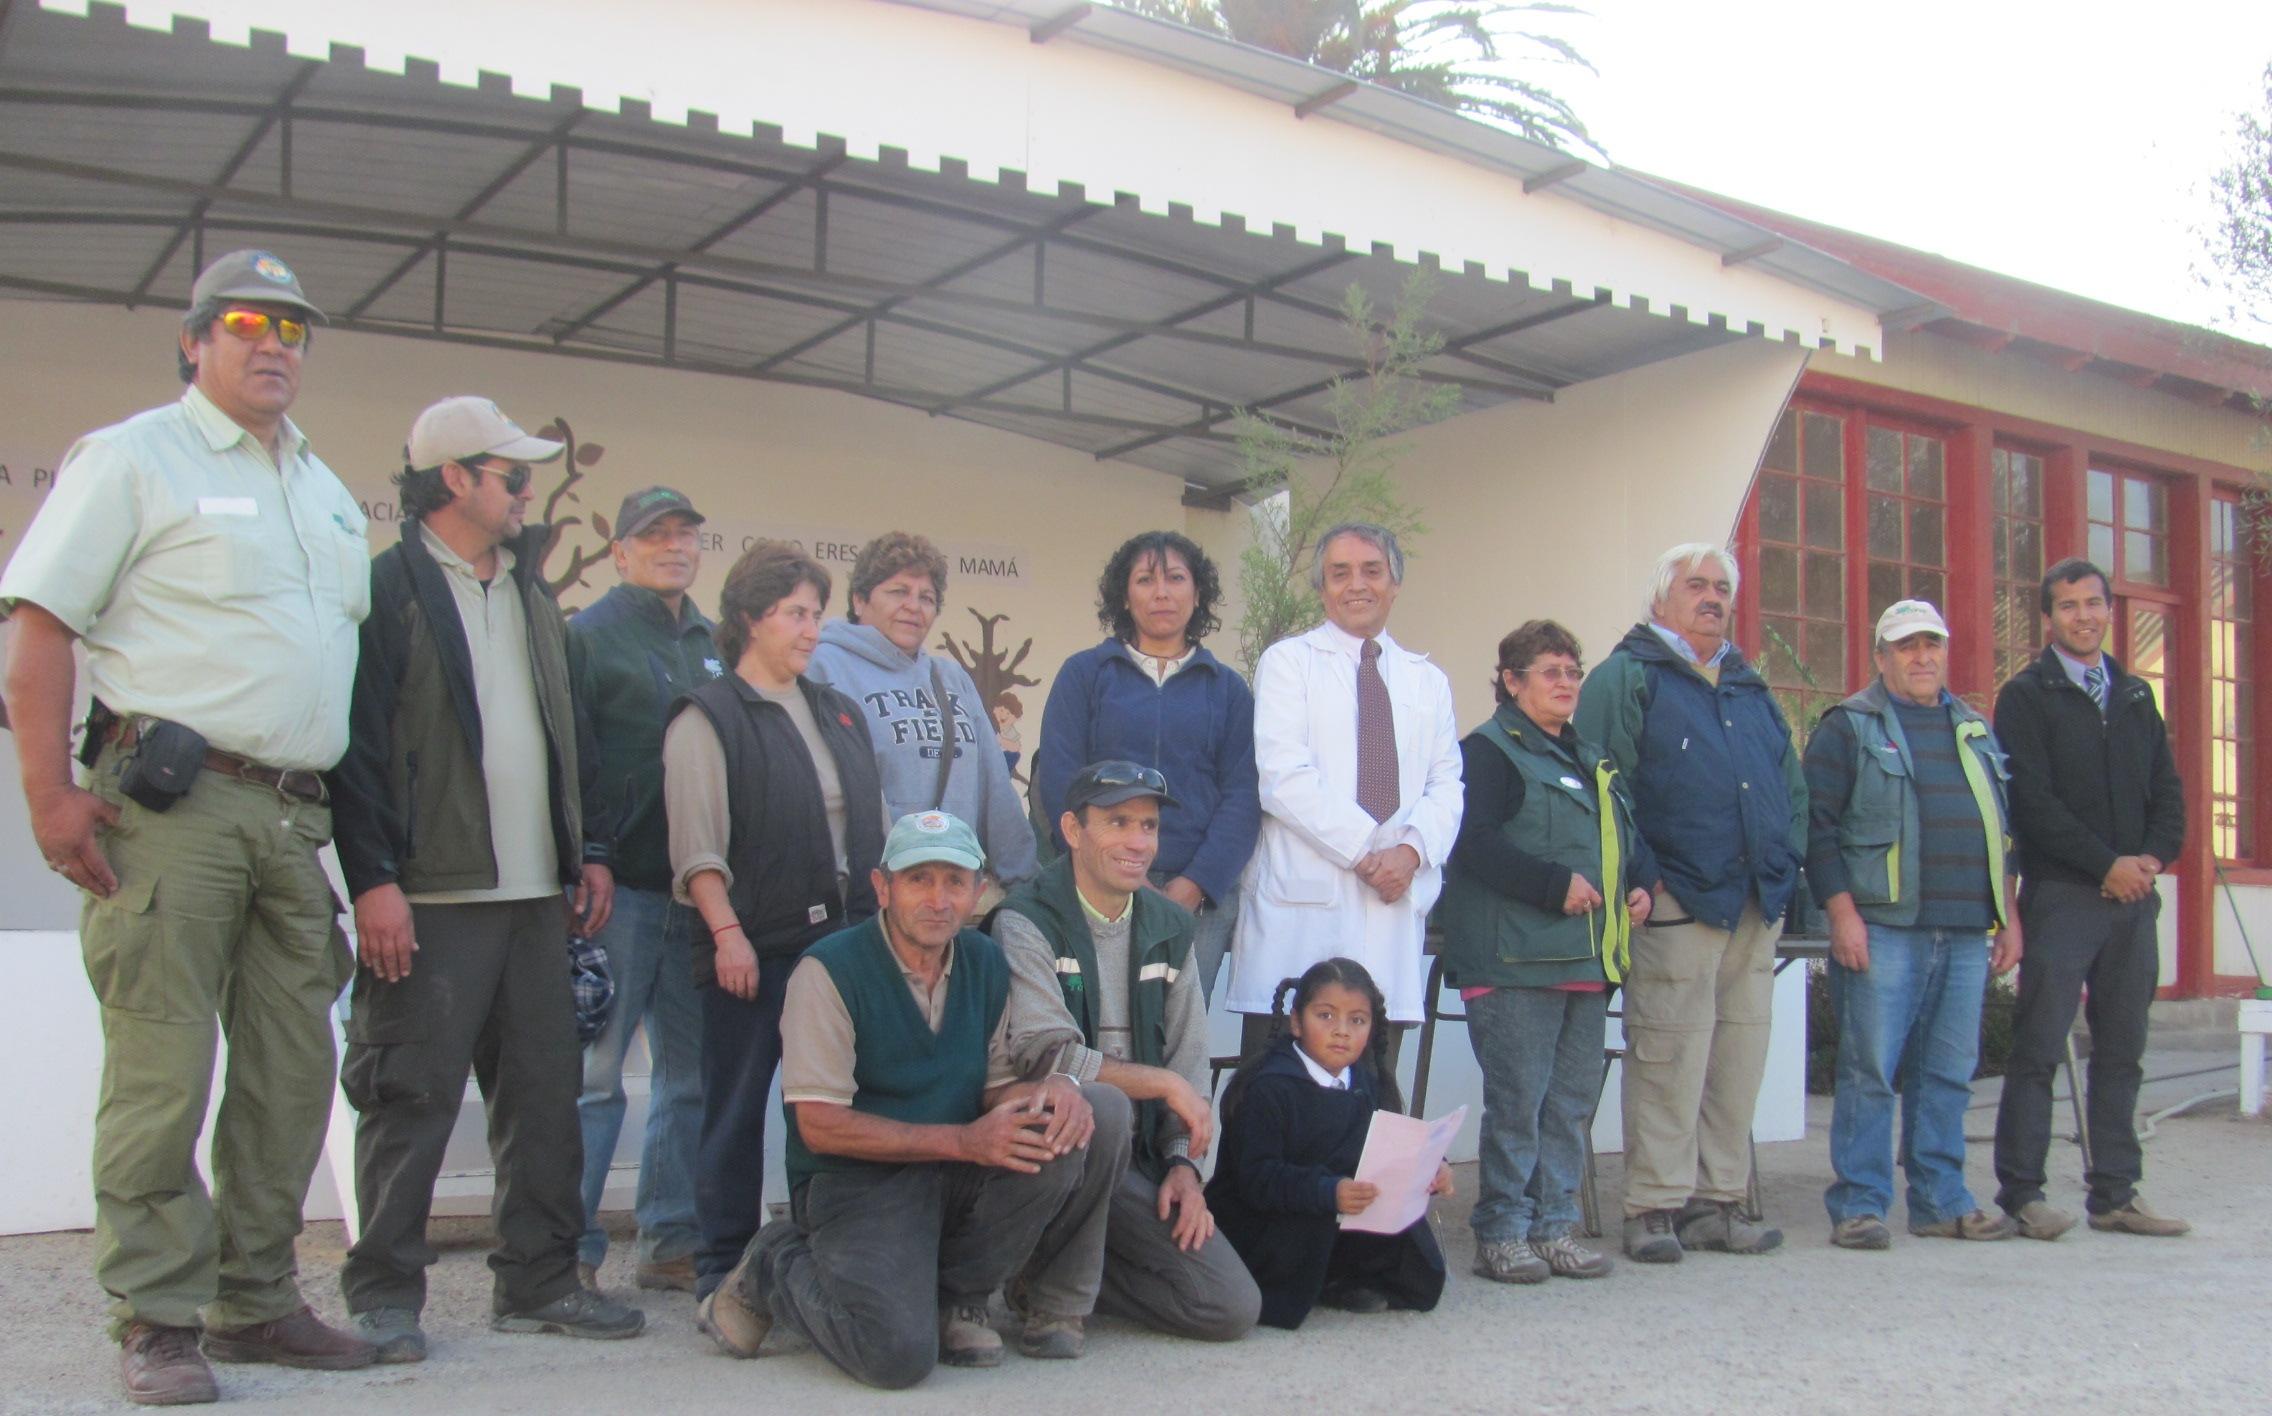 Conaf celebra aniversario apadrinando escuela en Hacienda Nicolasa